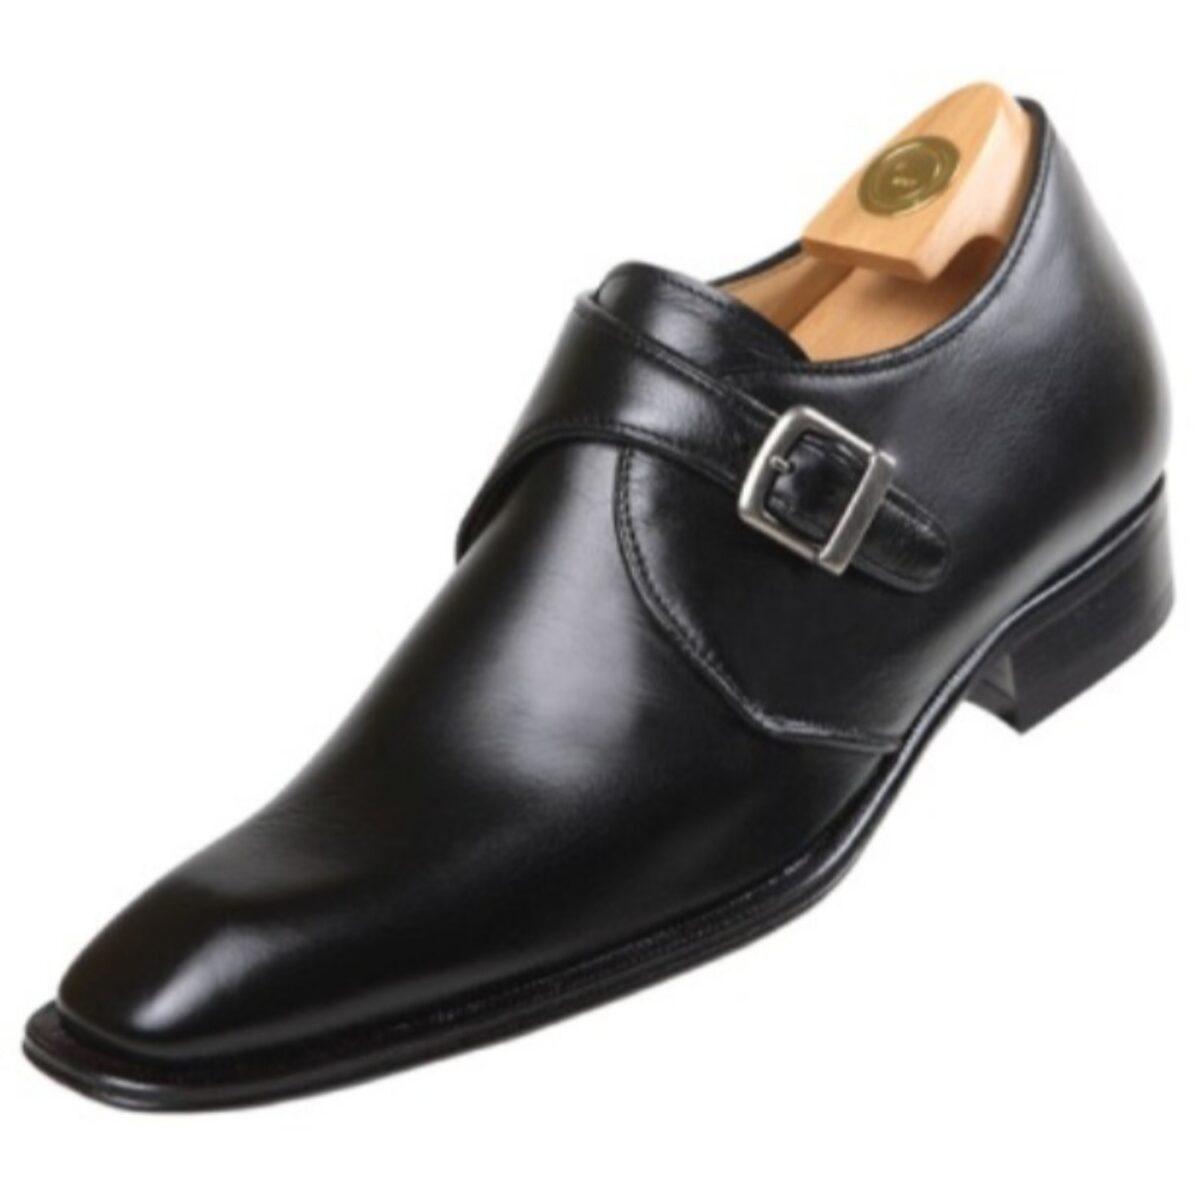 Zapatos con Alzas modelo 8417 NR - HiPlus